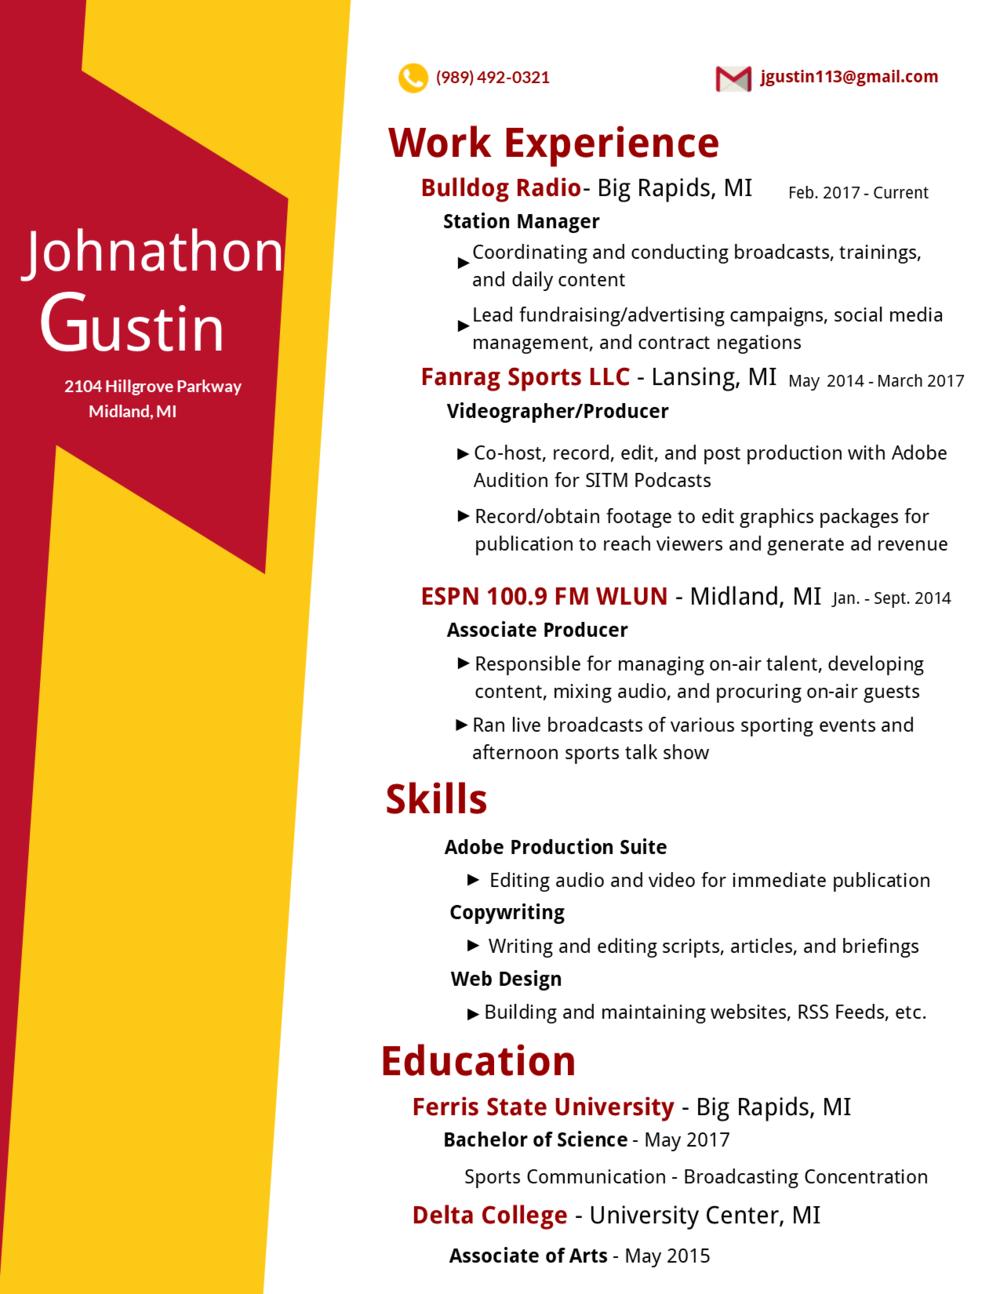 John Gustin resume.png